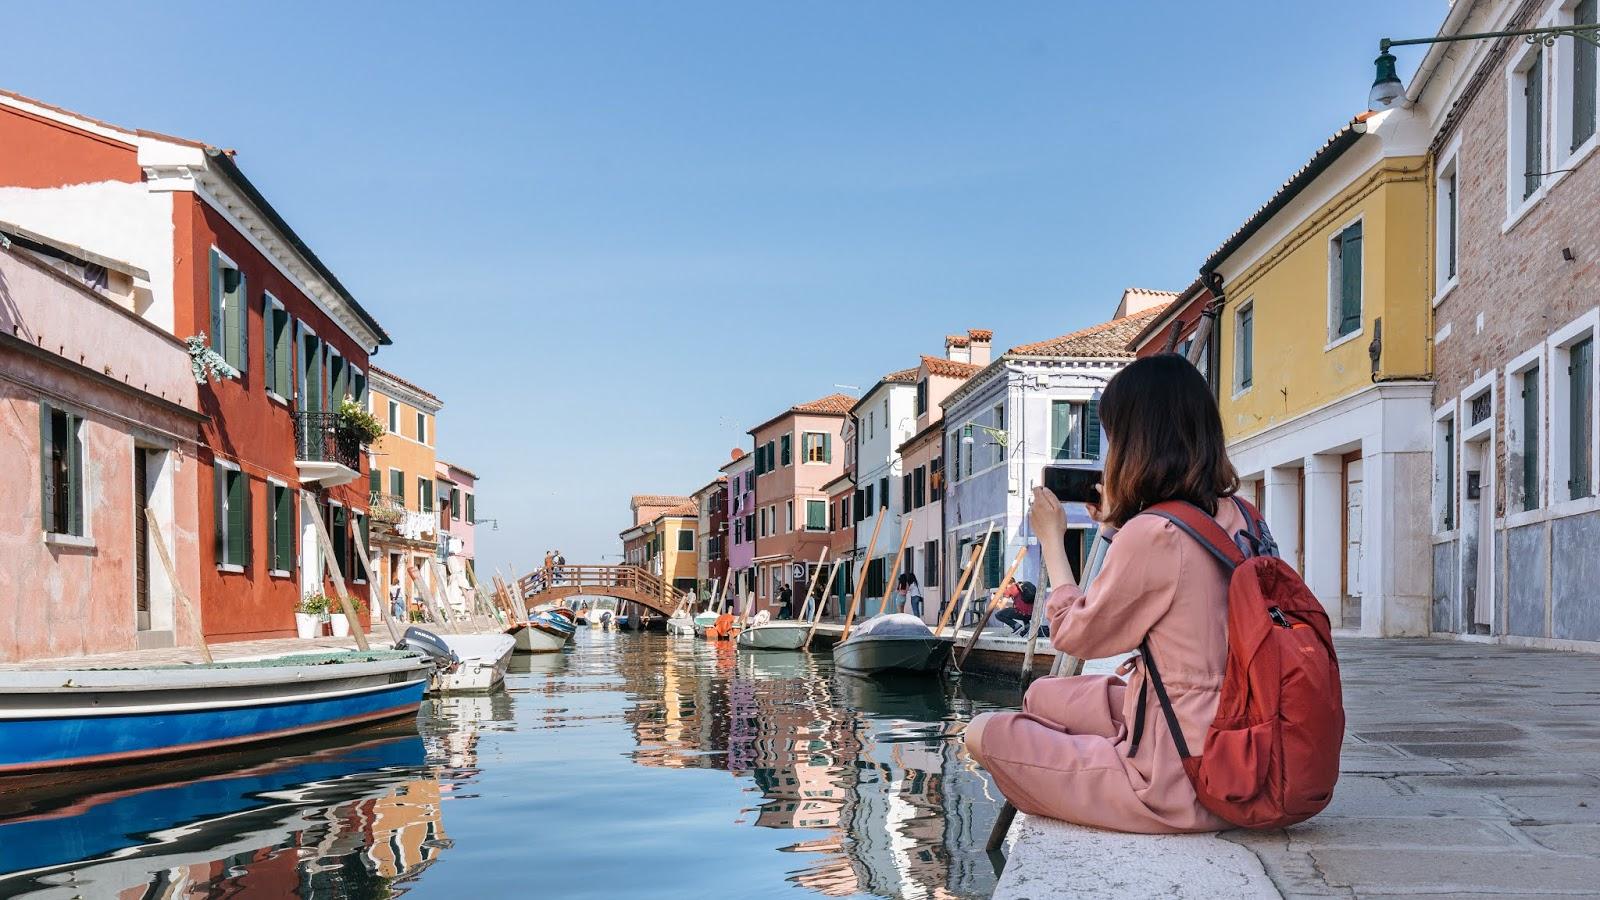 義大利彩色島 Murano